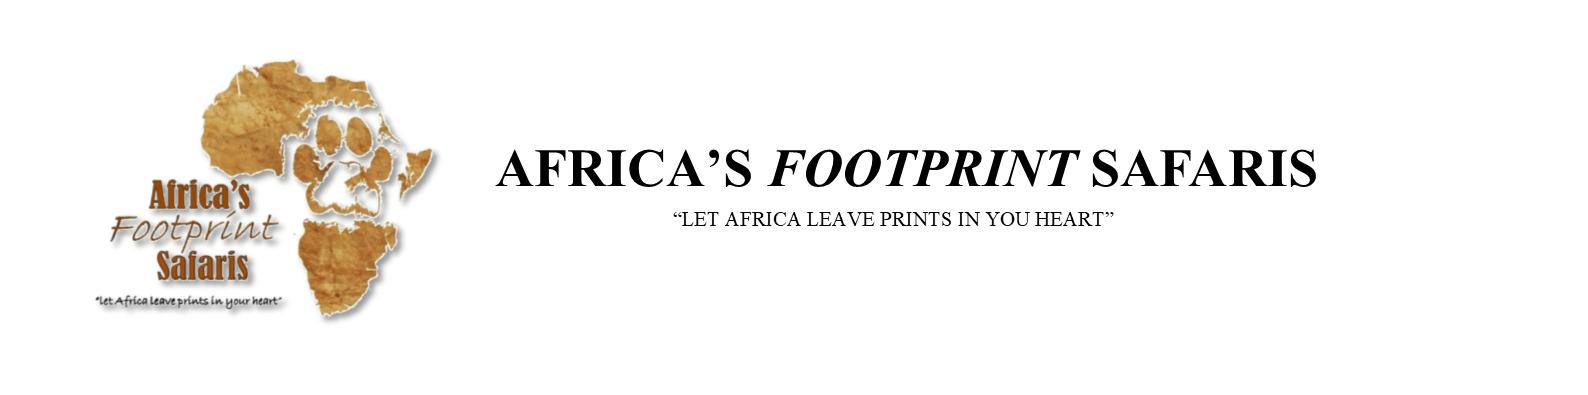 Africa's Footprint Safaris